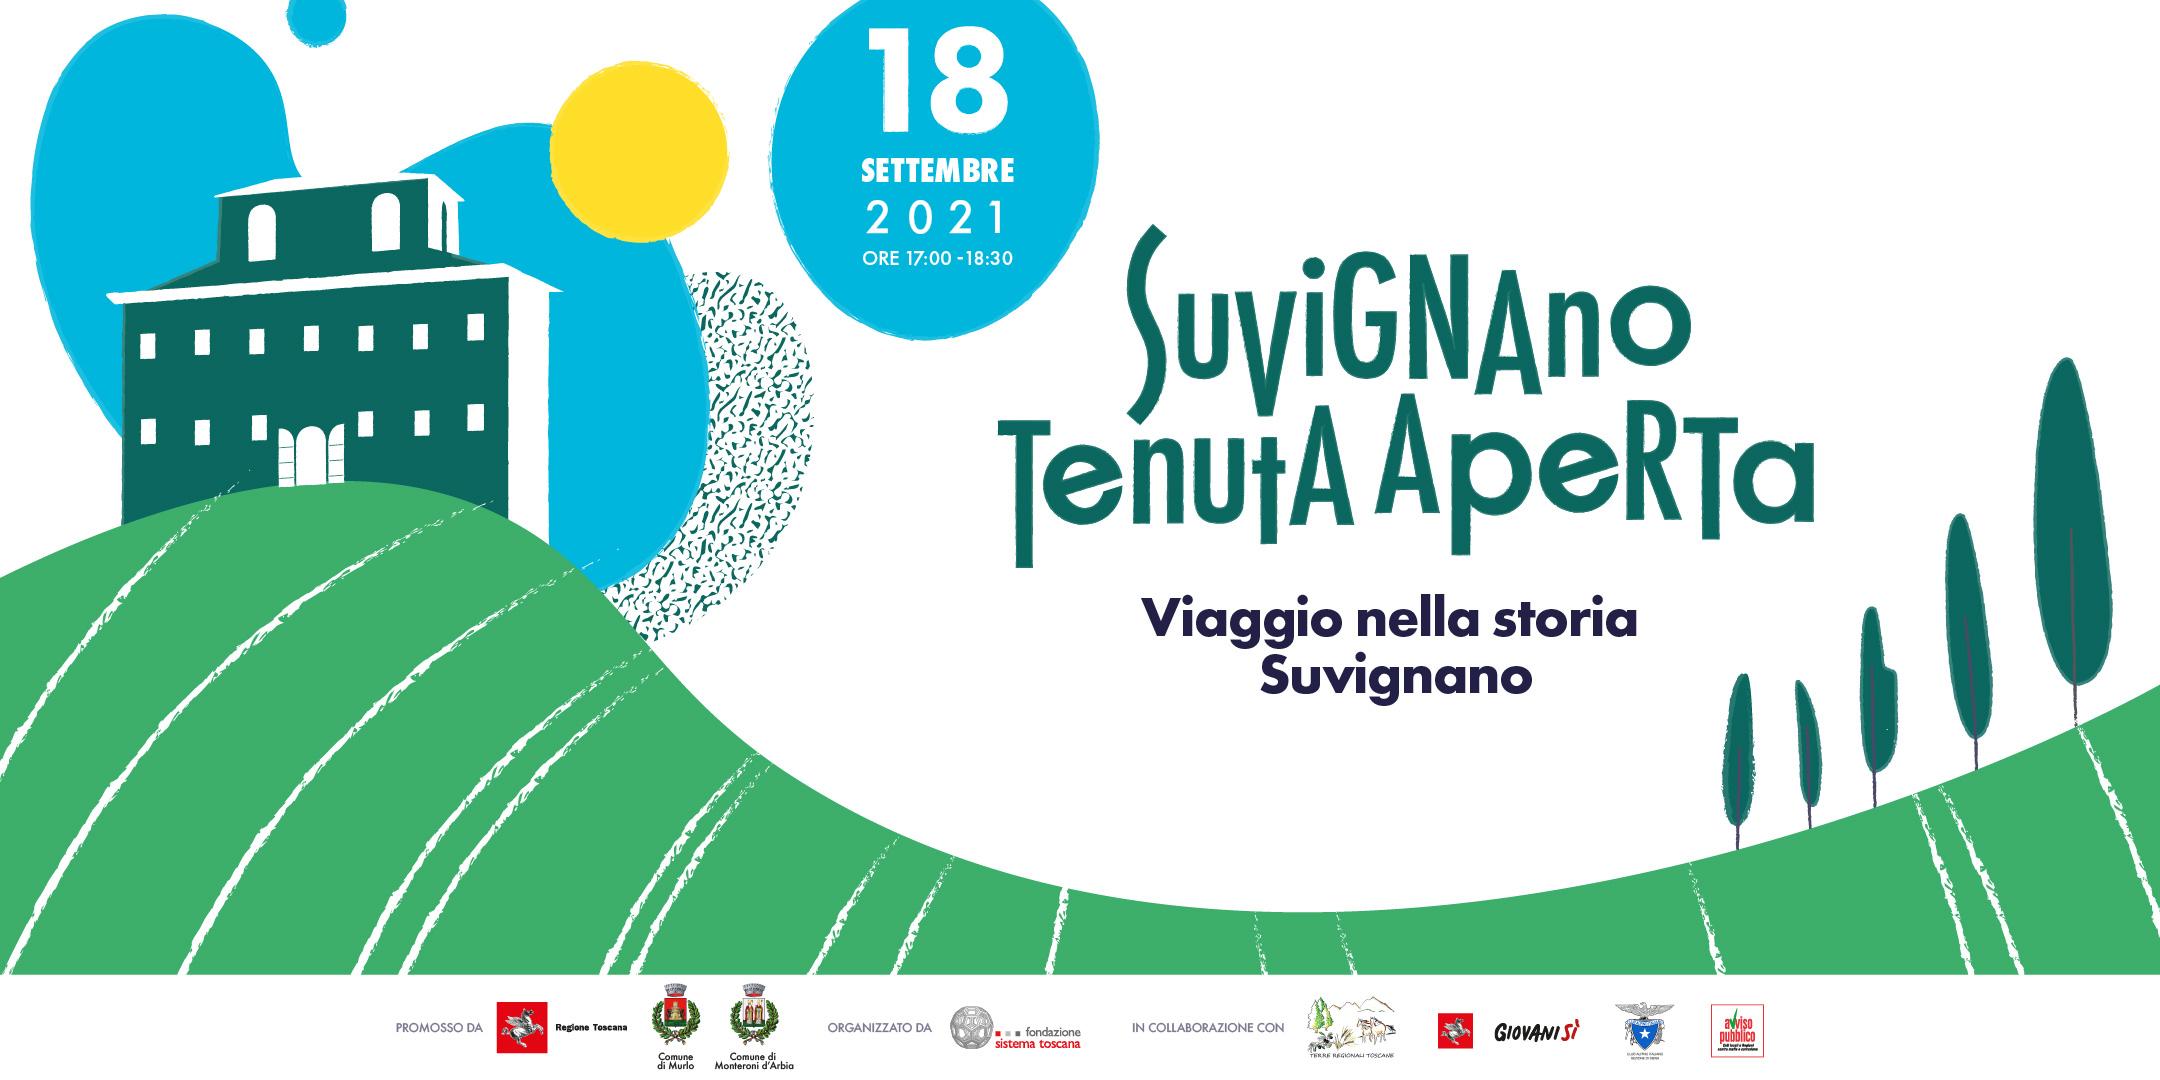 """""""Suvignano Tenuta Aperta 2021"""": il 18 settembre, a Suvignano, l'incontro promosso dalla Regione Toscana in collaborazione con Avviso Pubblico"""